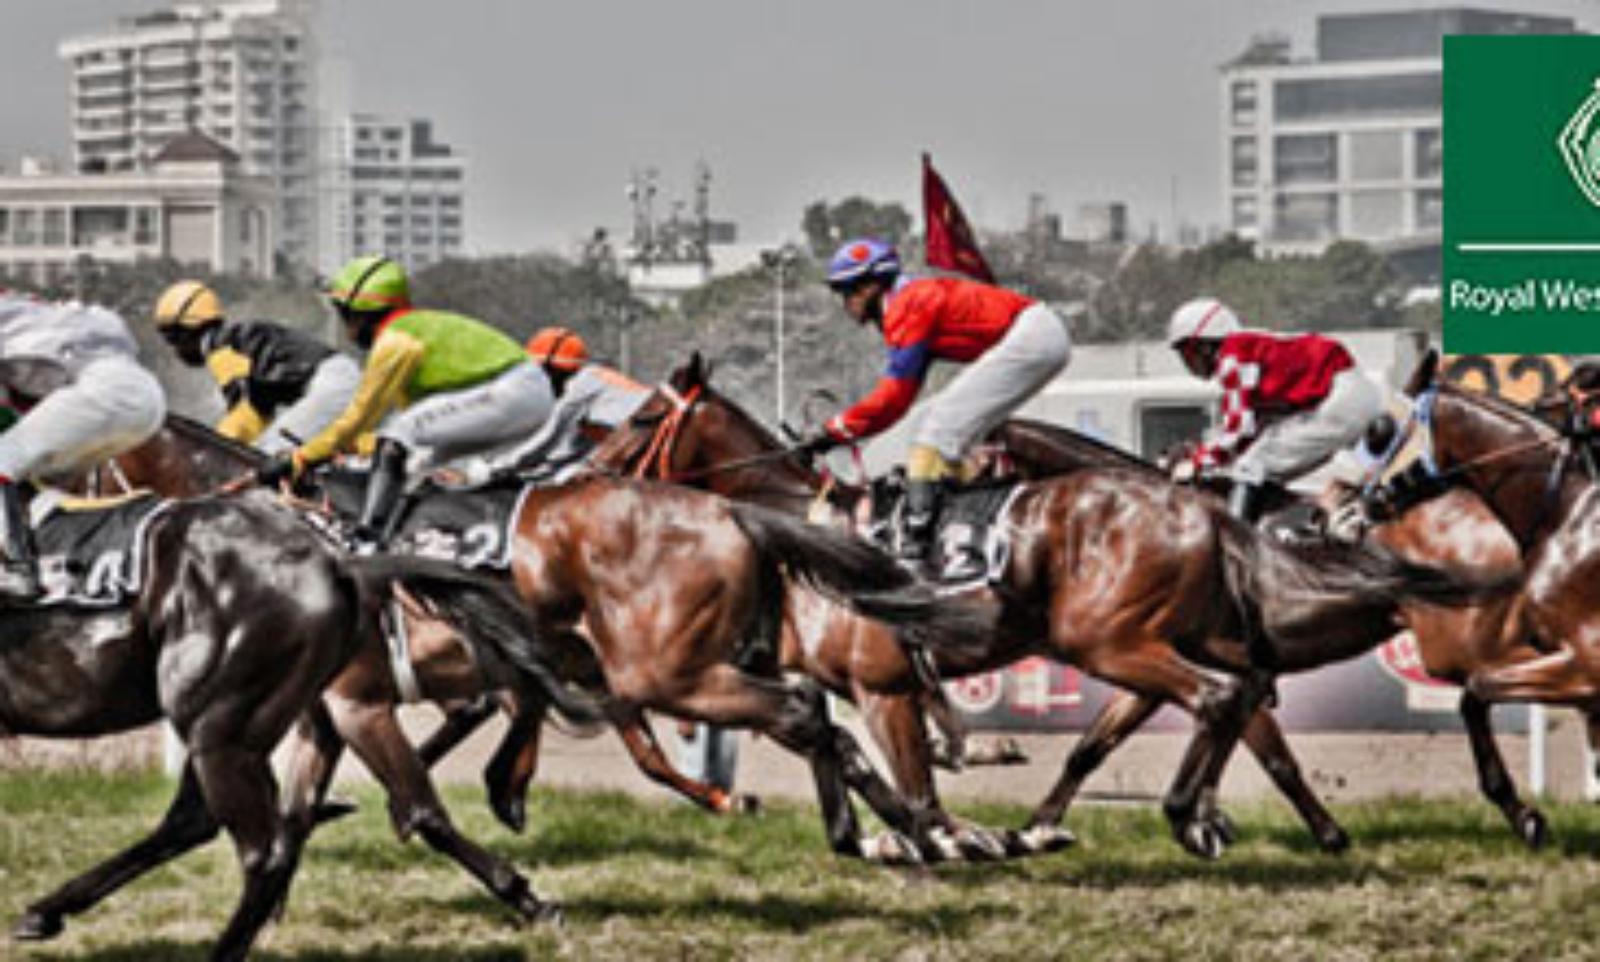 horse race betting in mumbai sanitation